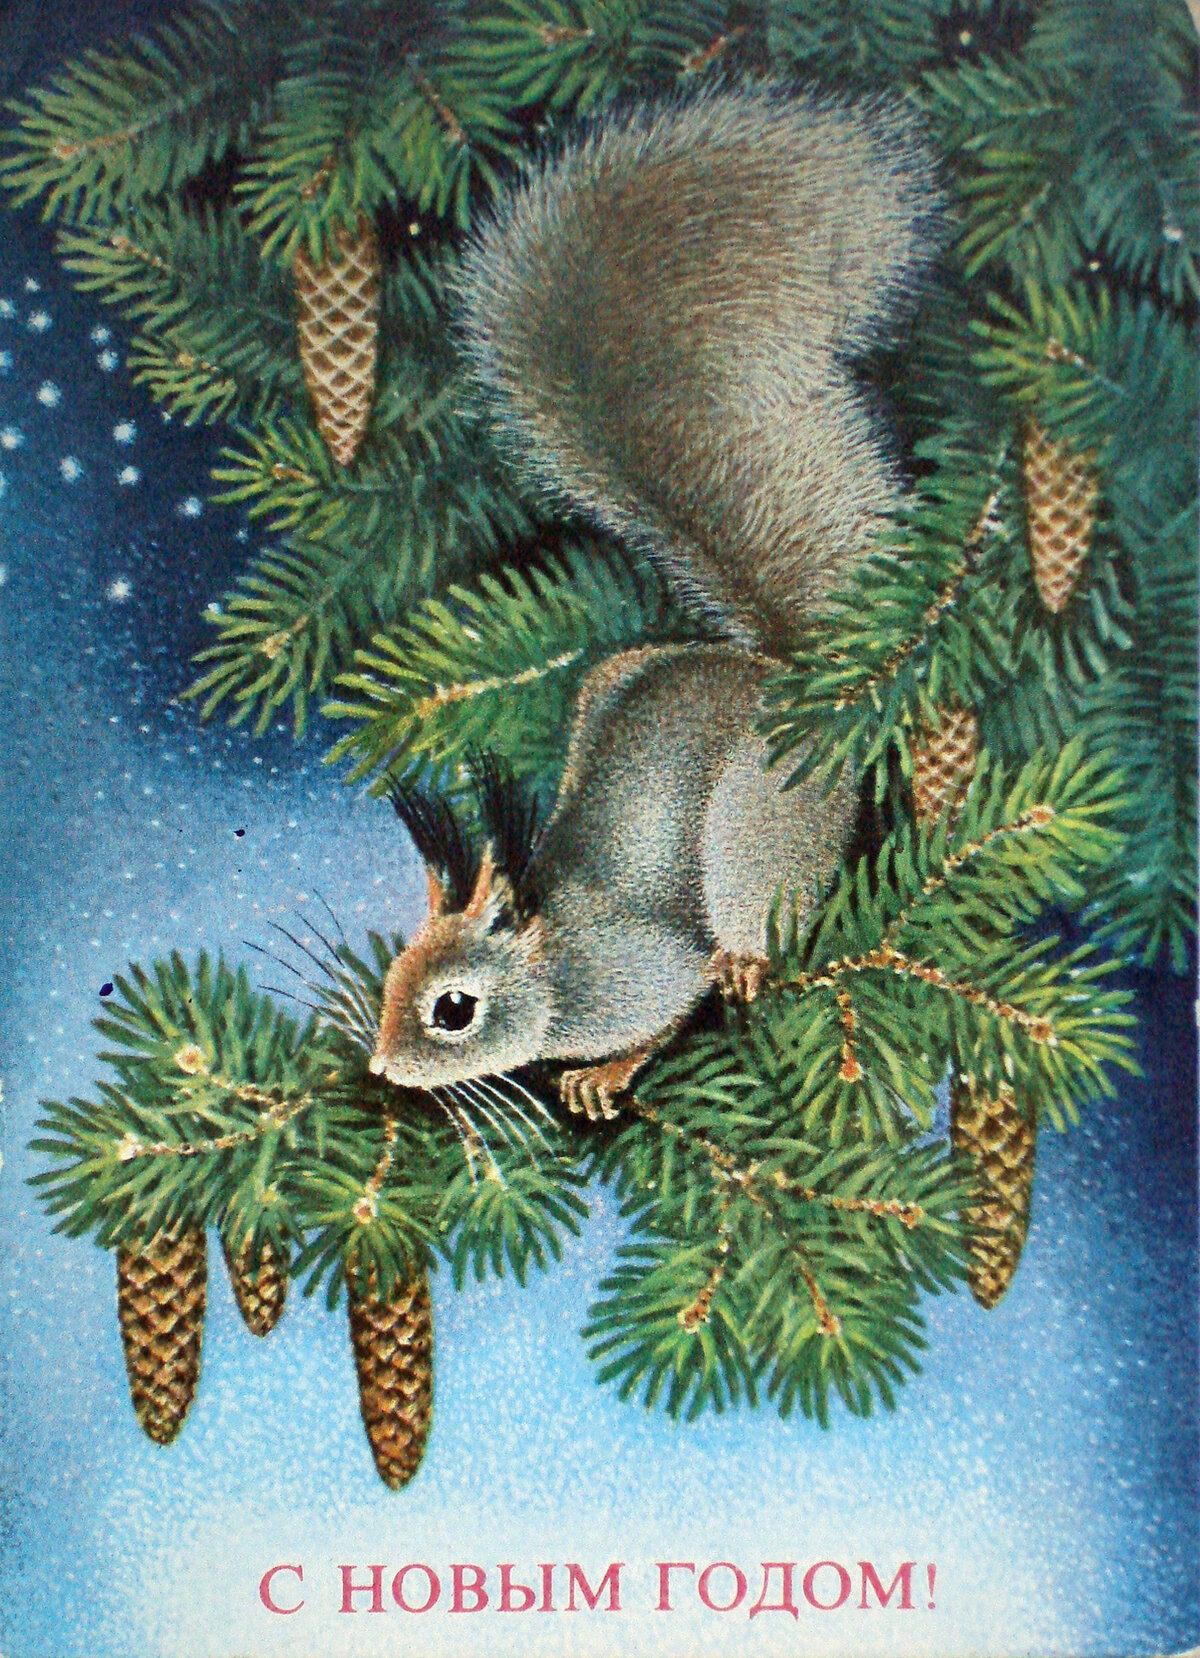 Новогодние открытки с зверями, открытку для